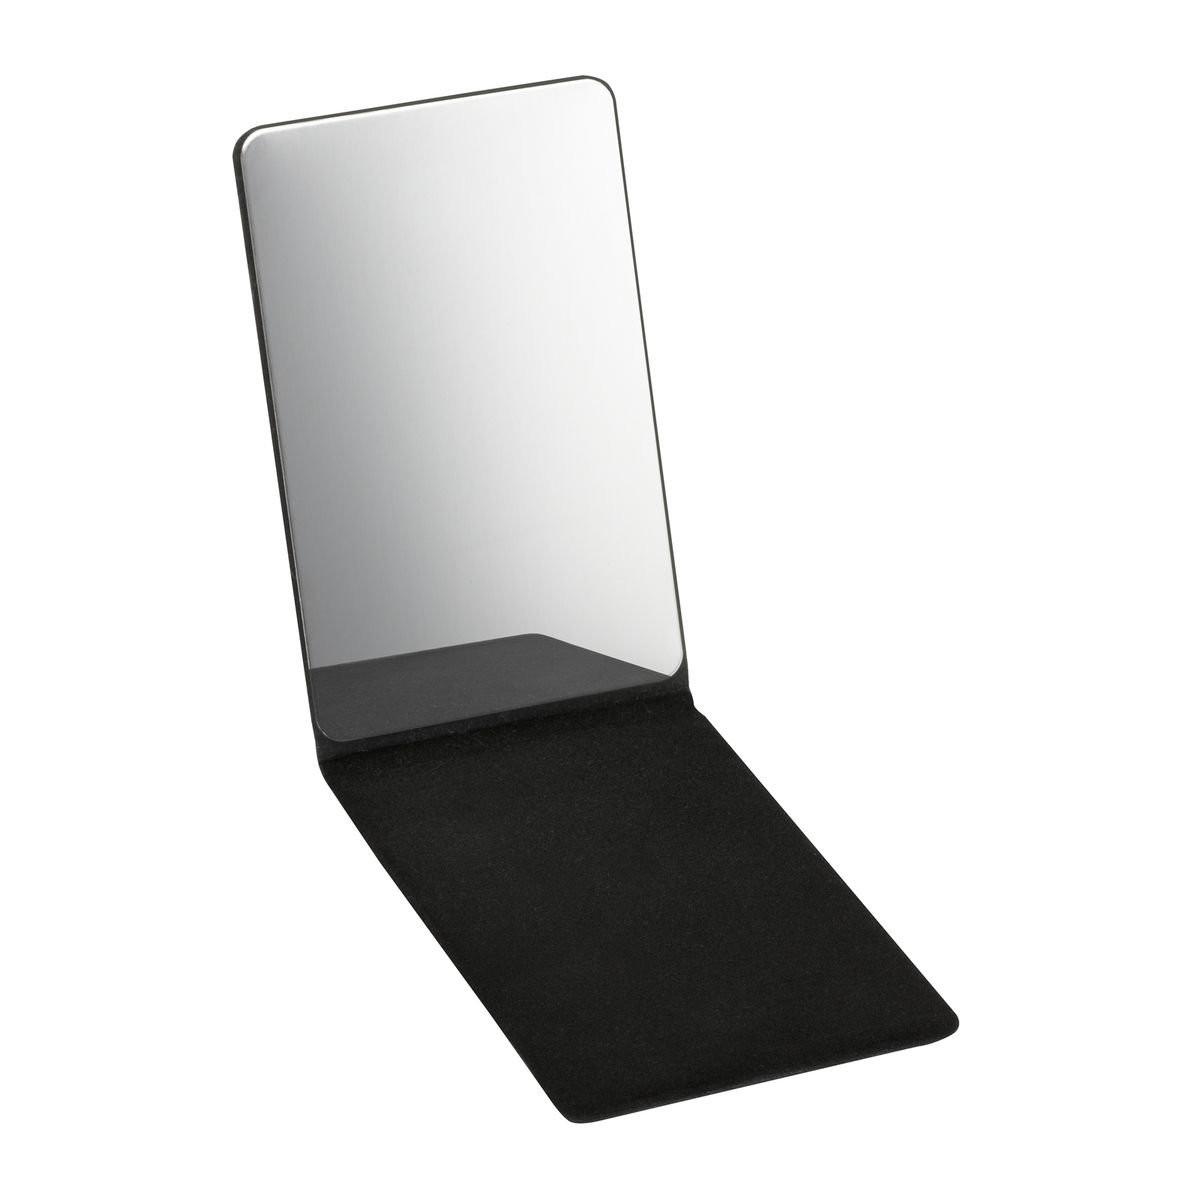 Taschenspiegel REFLECTS-HARBEL BLACK, Ansicht 10